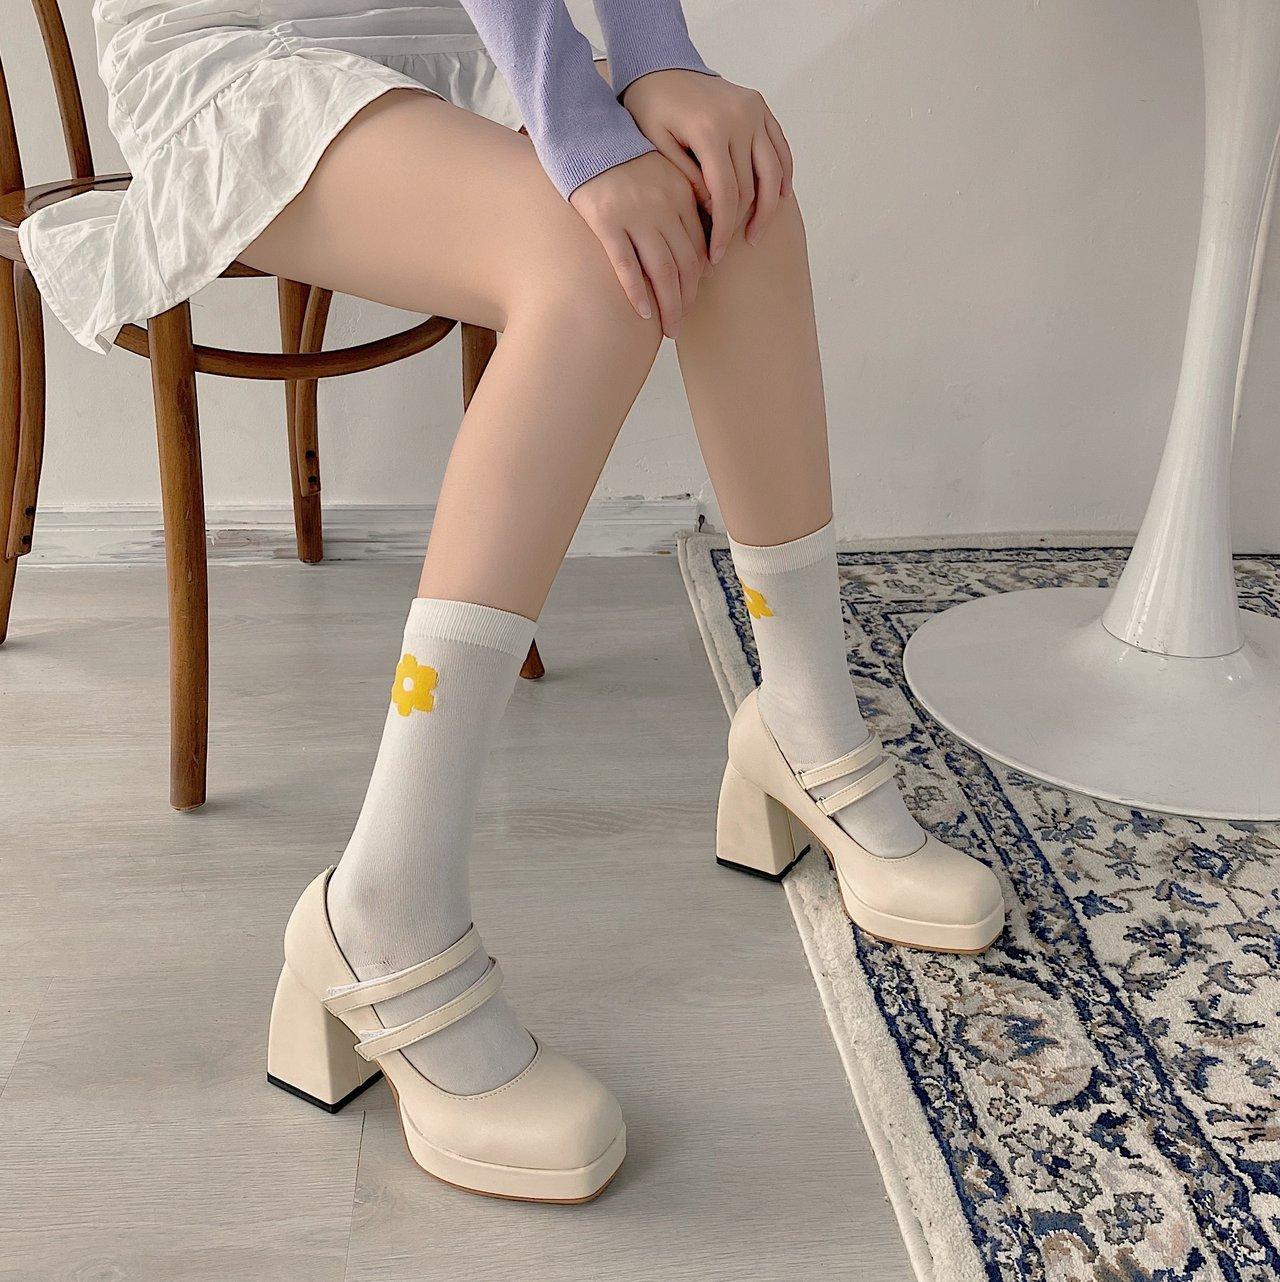 洛丽塔的洛丽塔鞋子高跟亍早皮鞋花嫁鞋洛丽塔鞋少女学生lolita鞋